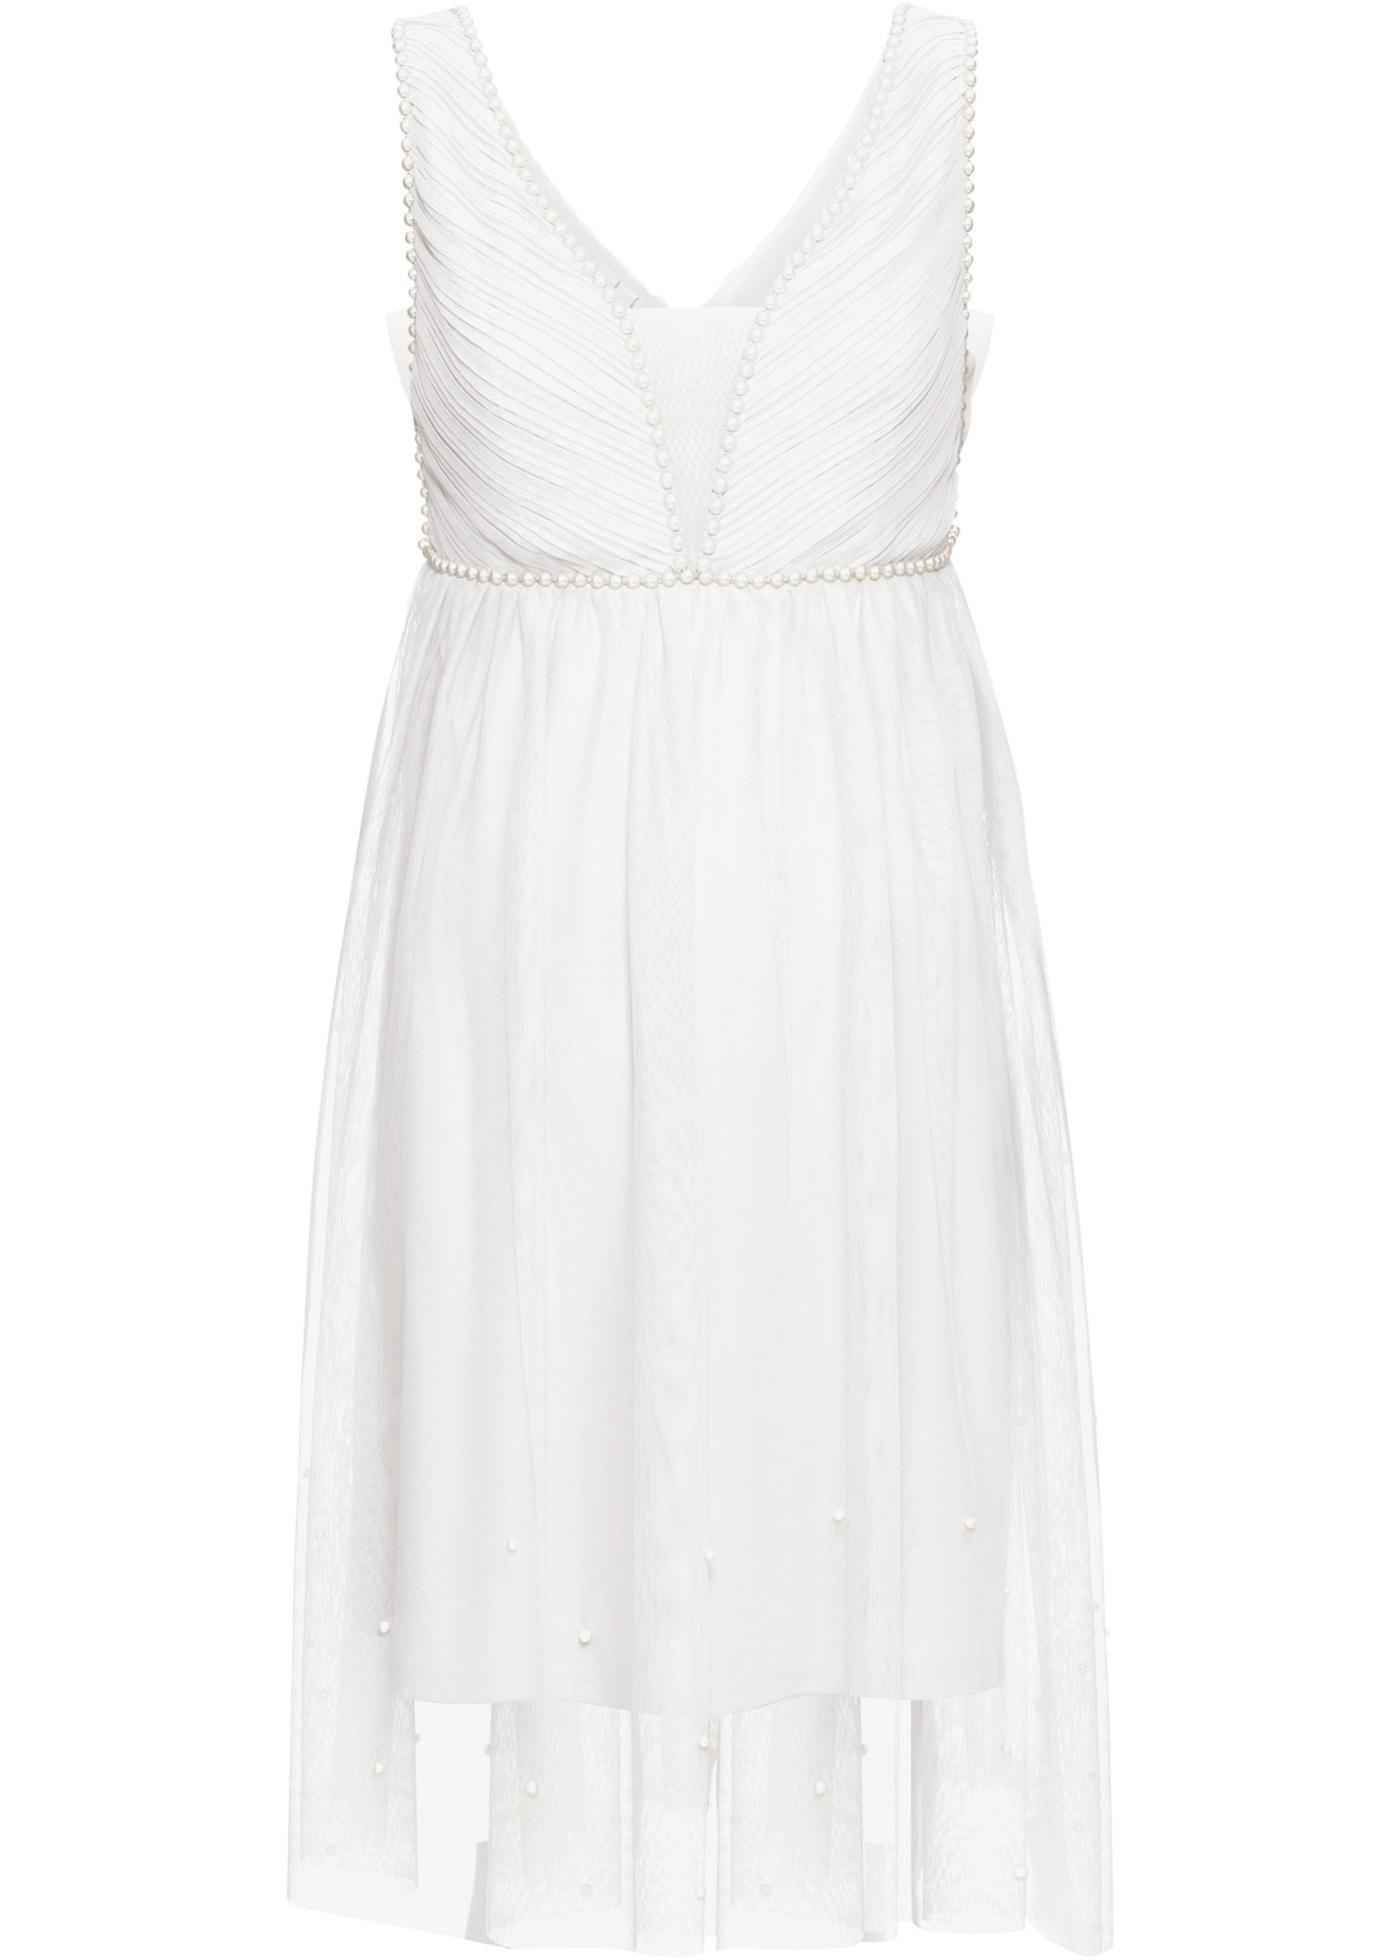 Brautkleid ohne Ärmel  in weiß (herzförmiger Ausschnitt) für Damen von bonprix